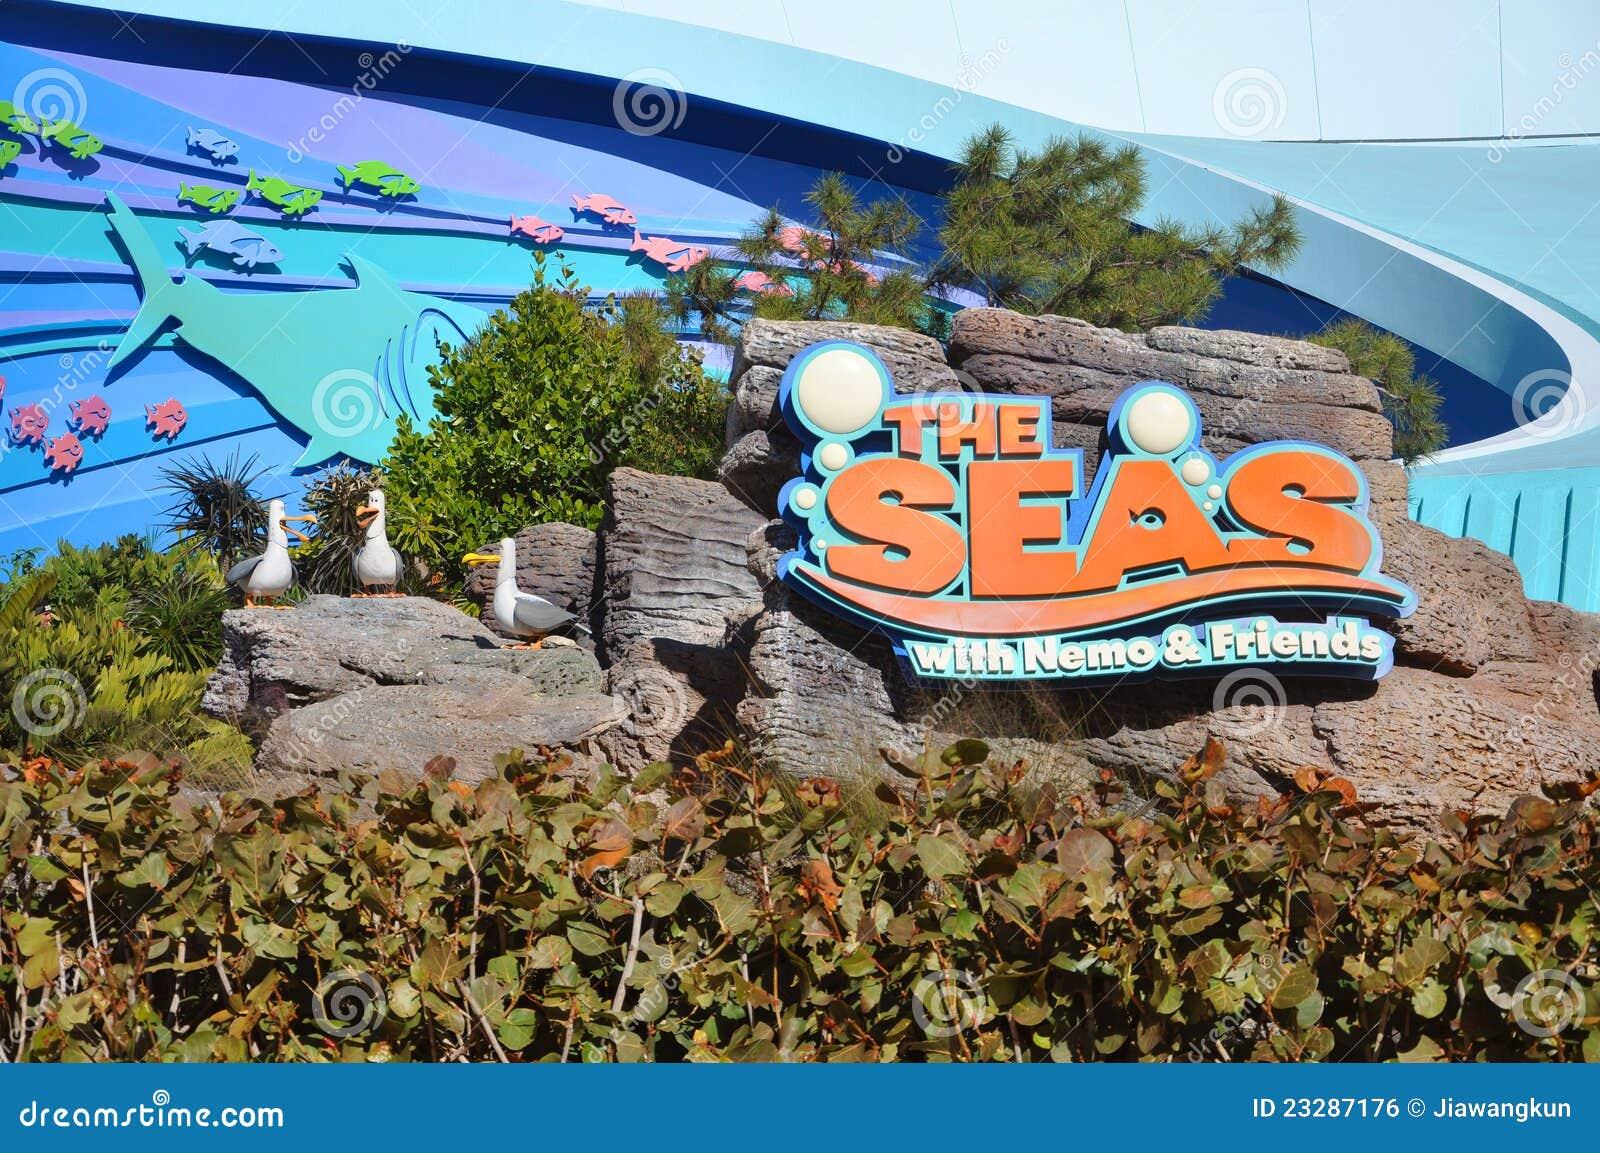 Disney Epcot Center and the Seas, Disney World Orlando, Florida, USA.